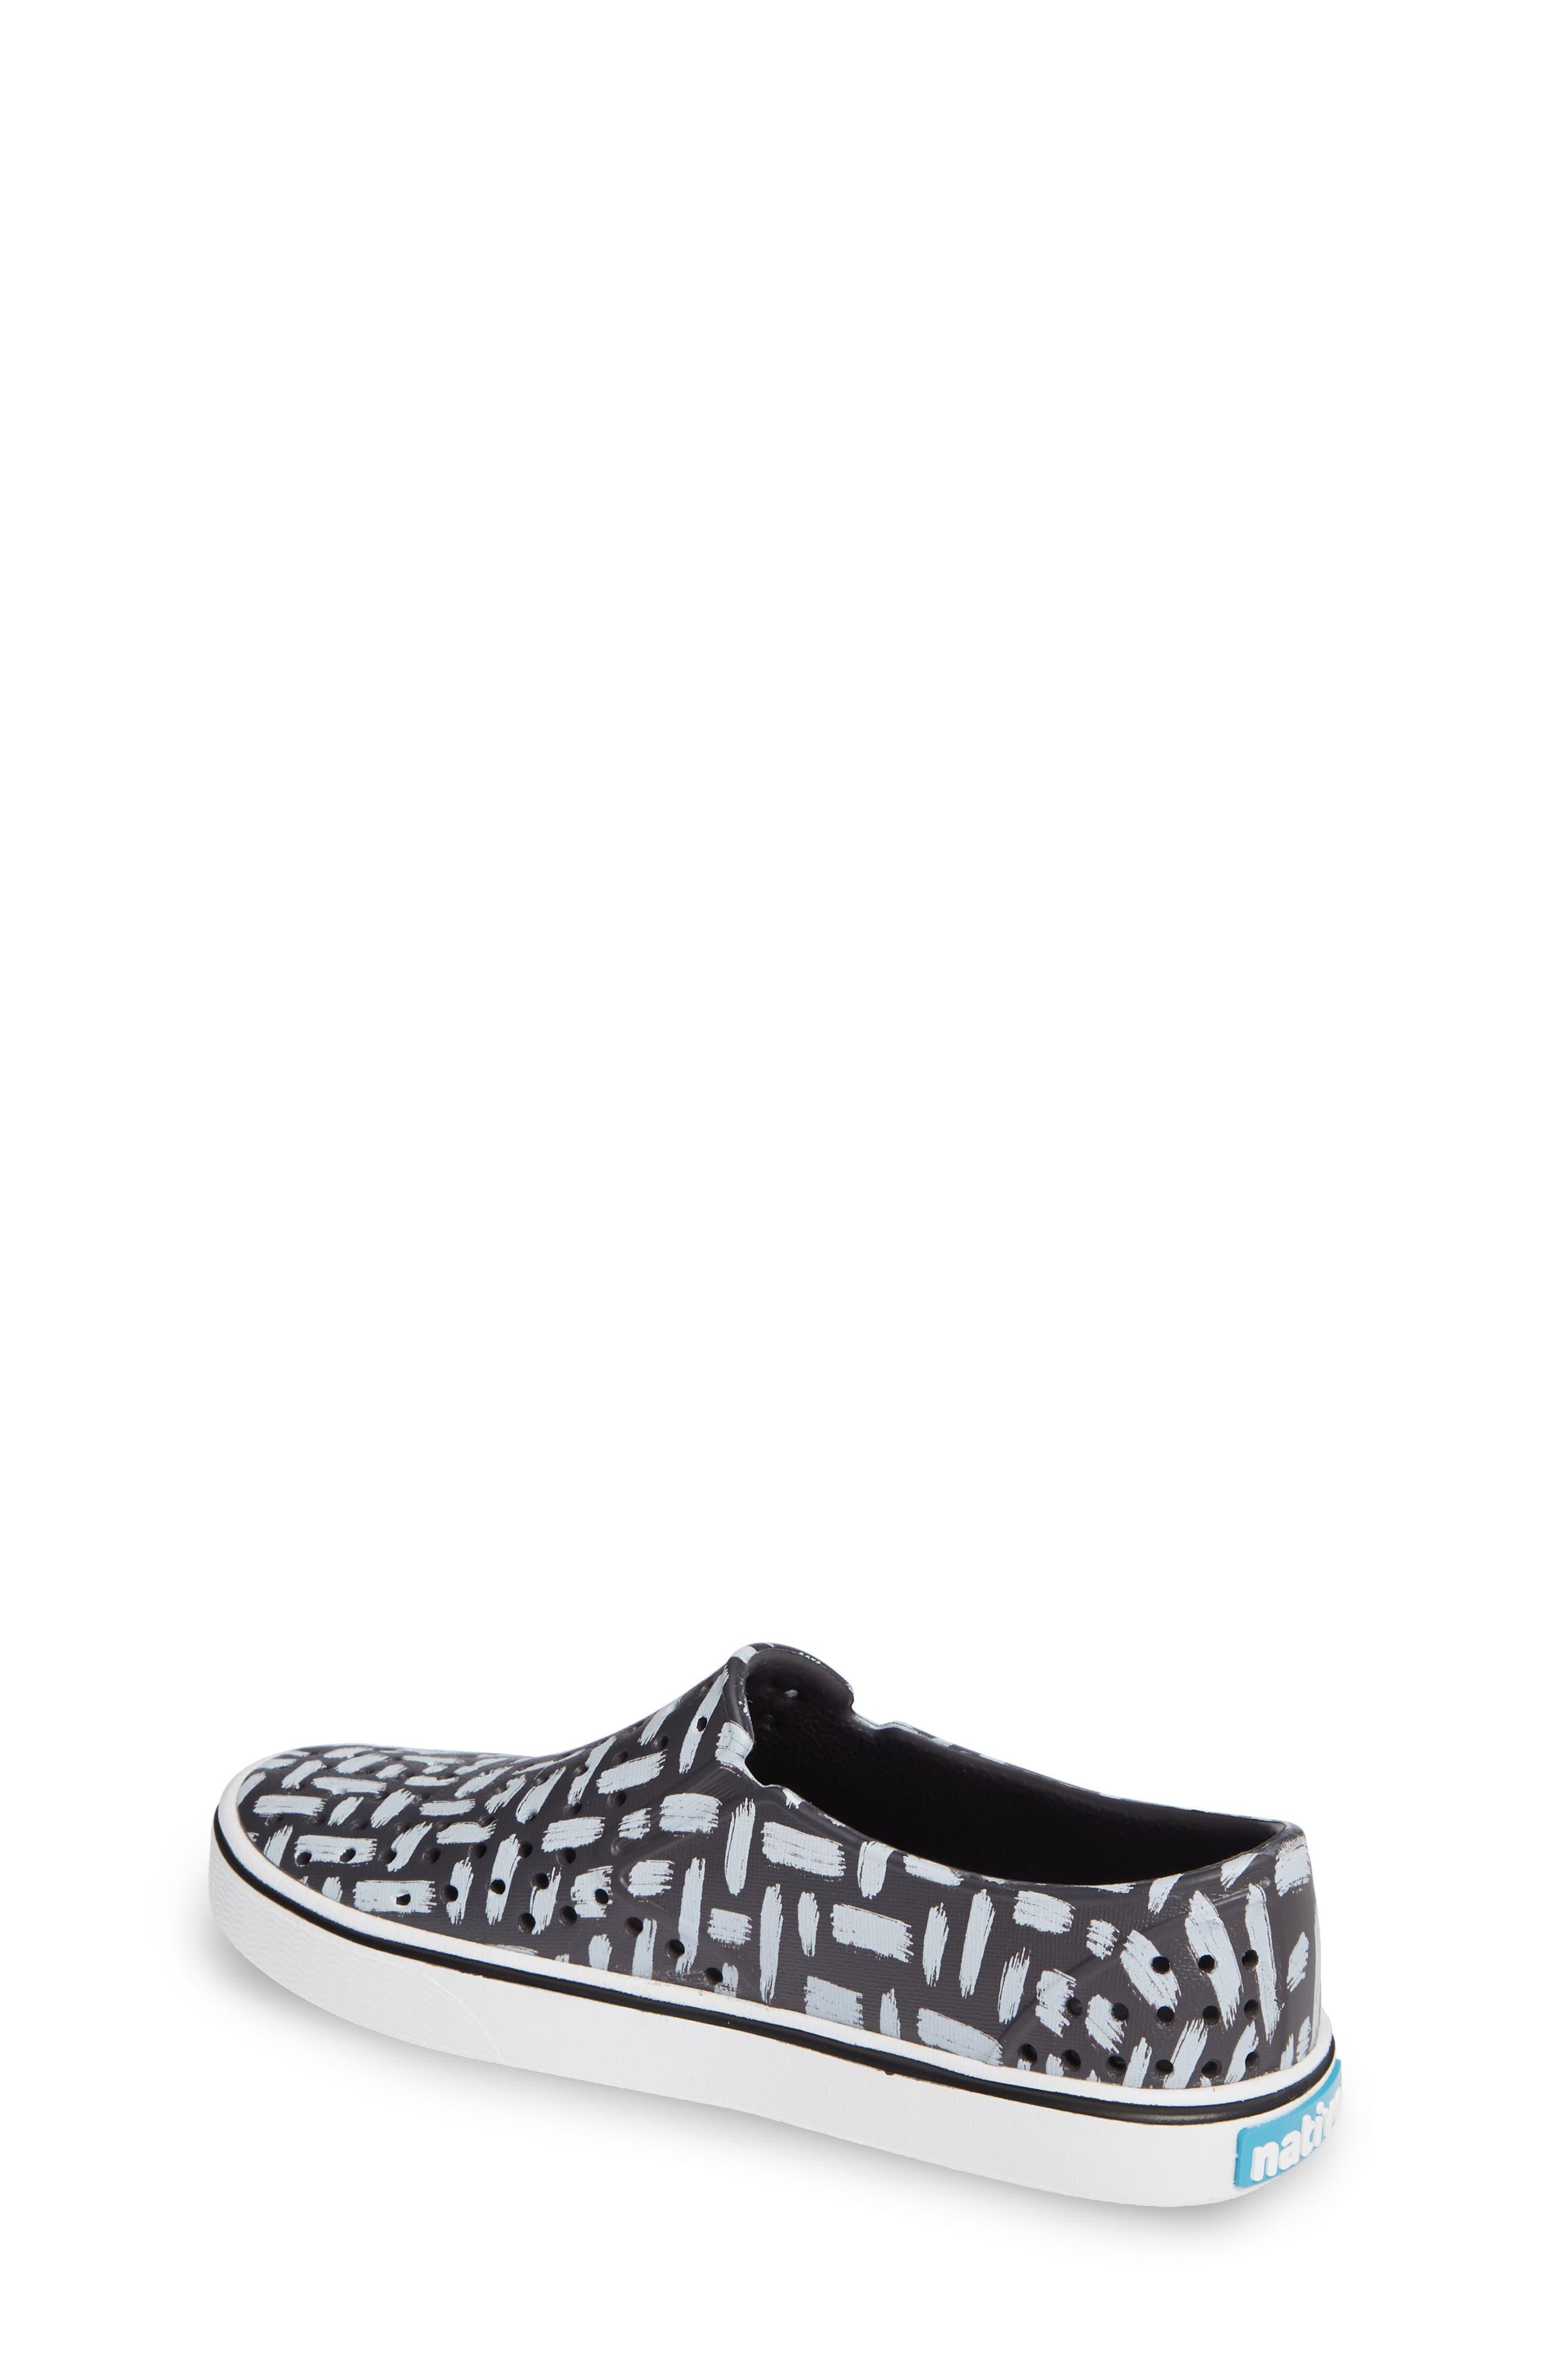 Miles Print Slip-On Sneaker,                             Alternate thumbnail 2, color,                             ONYX/ SHELL WHITE/ INKWELL